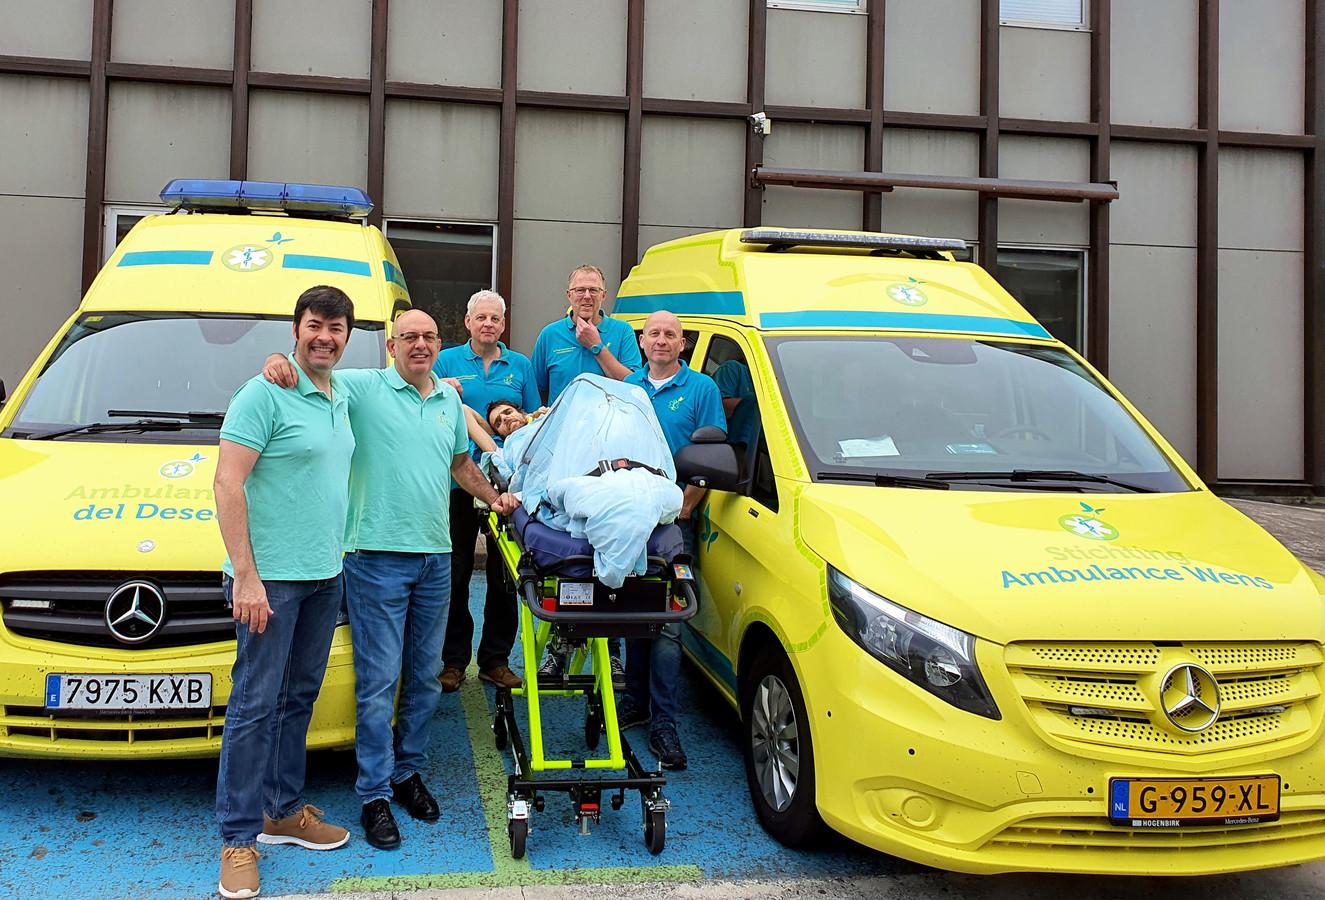 De 'overdracht' van Tom Schoonhoven van de Spaanse ambulance, naar een Nederlandse.